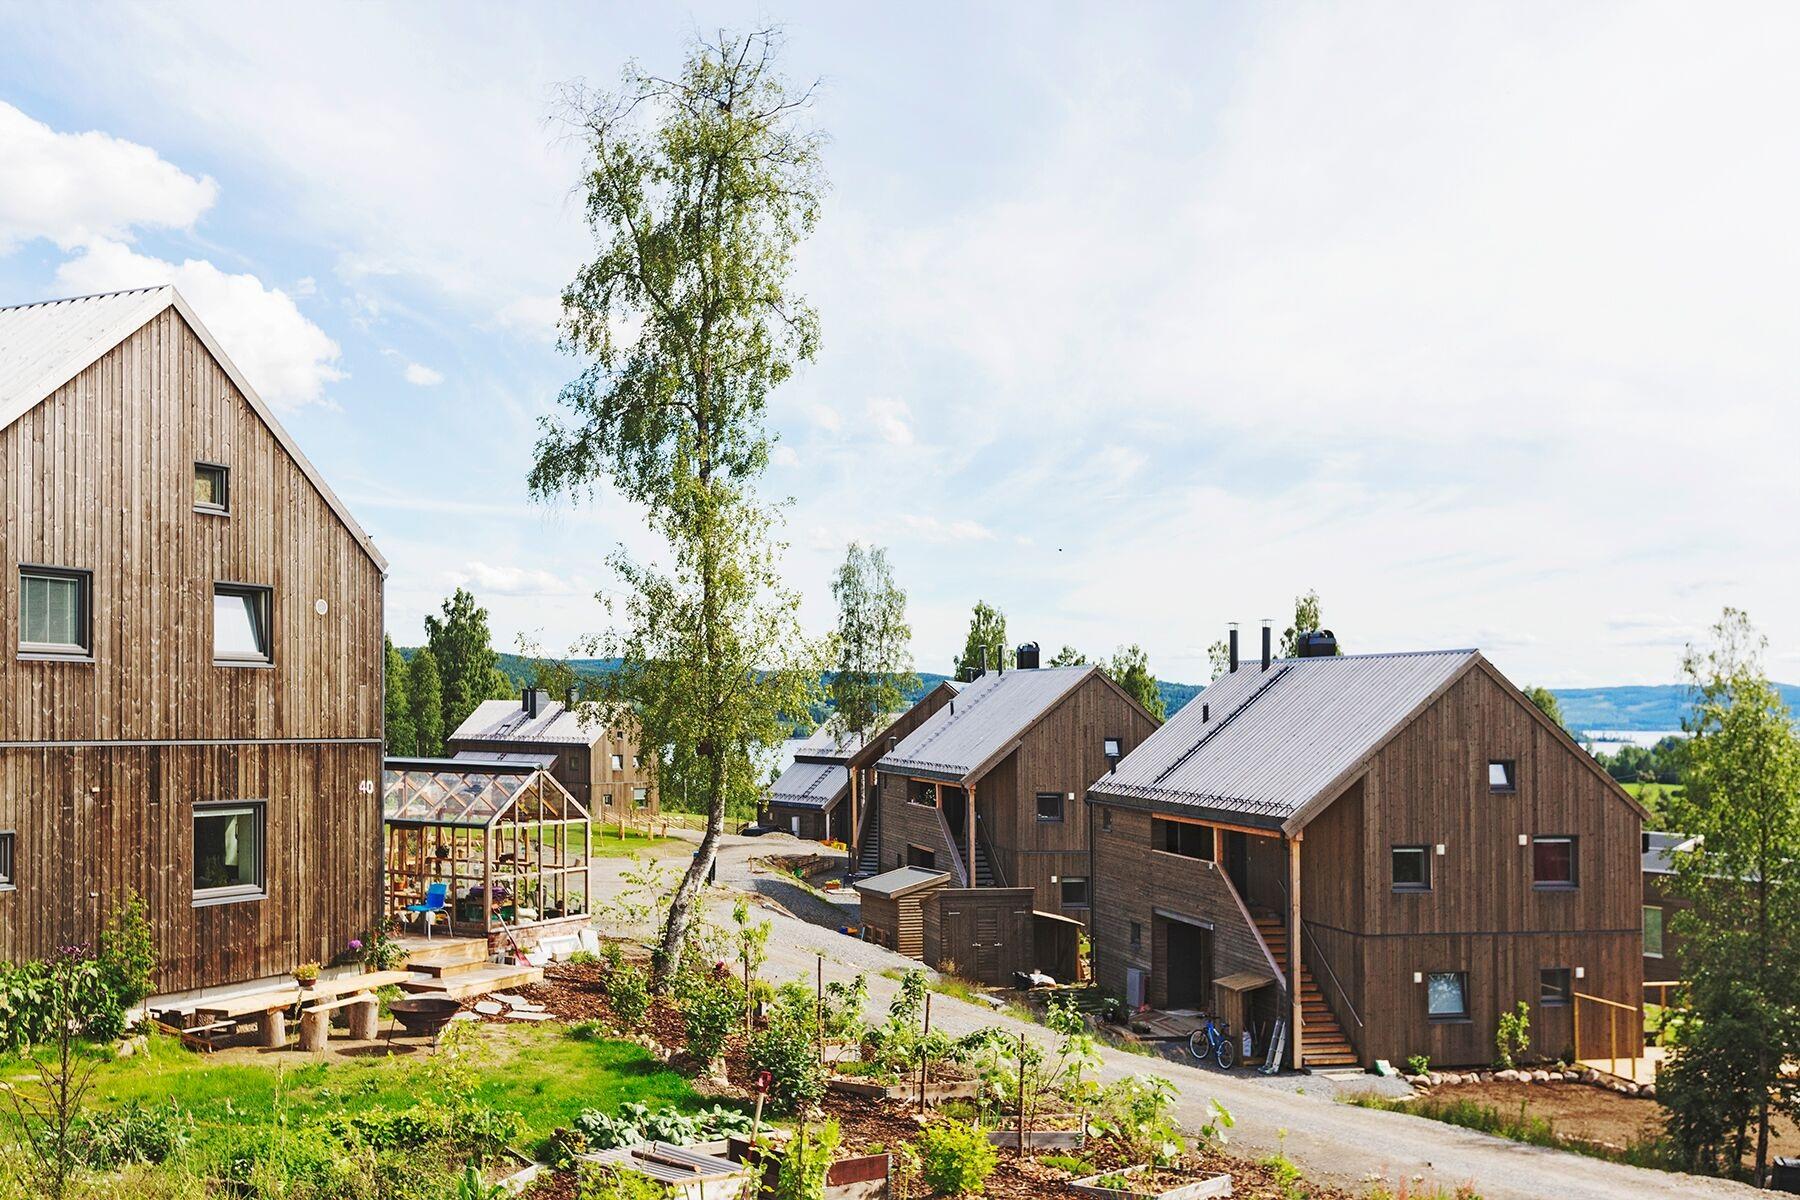 Hurdal økolandsby - Prosjekt med 5 trinn. Trinn 1 er ferdigstilt, tilsammen vil landsbyen bestå av ca. 200 boliger, en gård med160 000 m2 dyrket mark og et økologisk næringsenter.